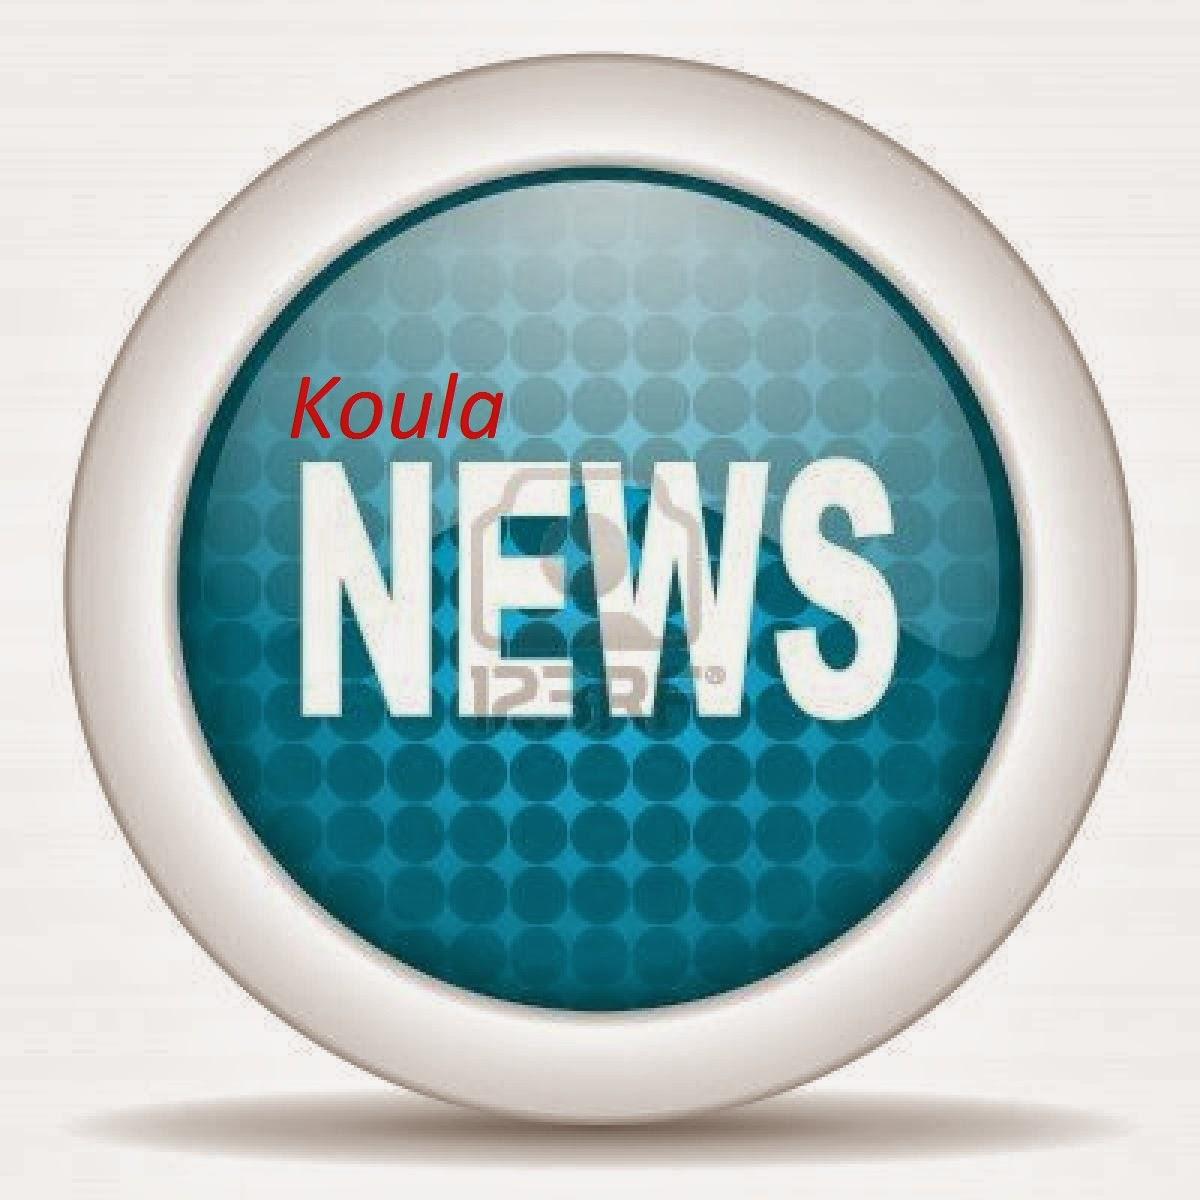 KoulaNews